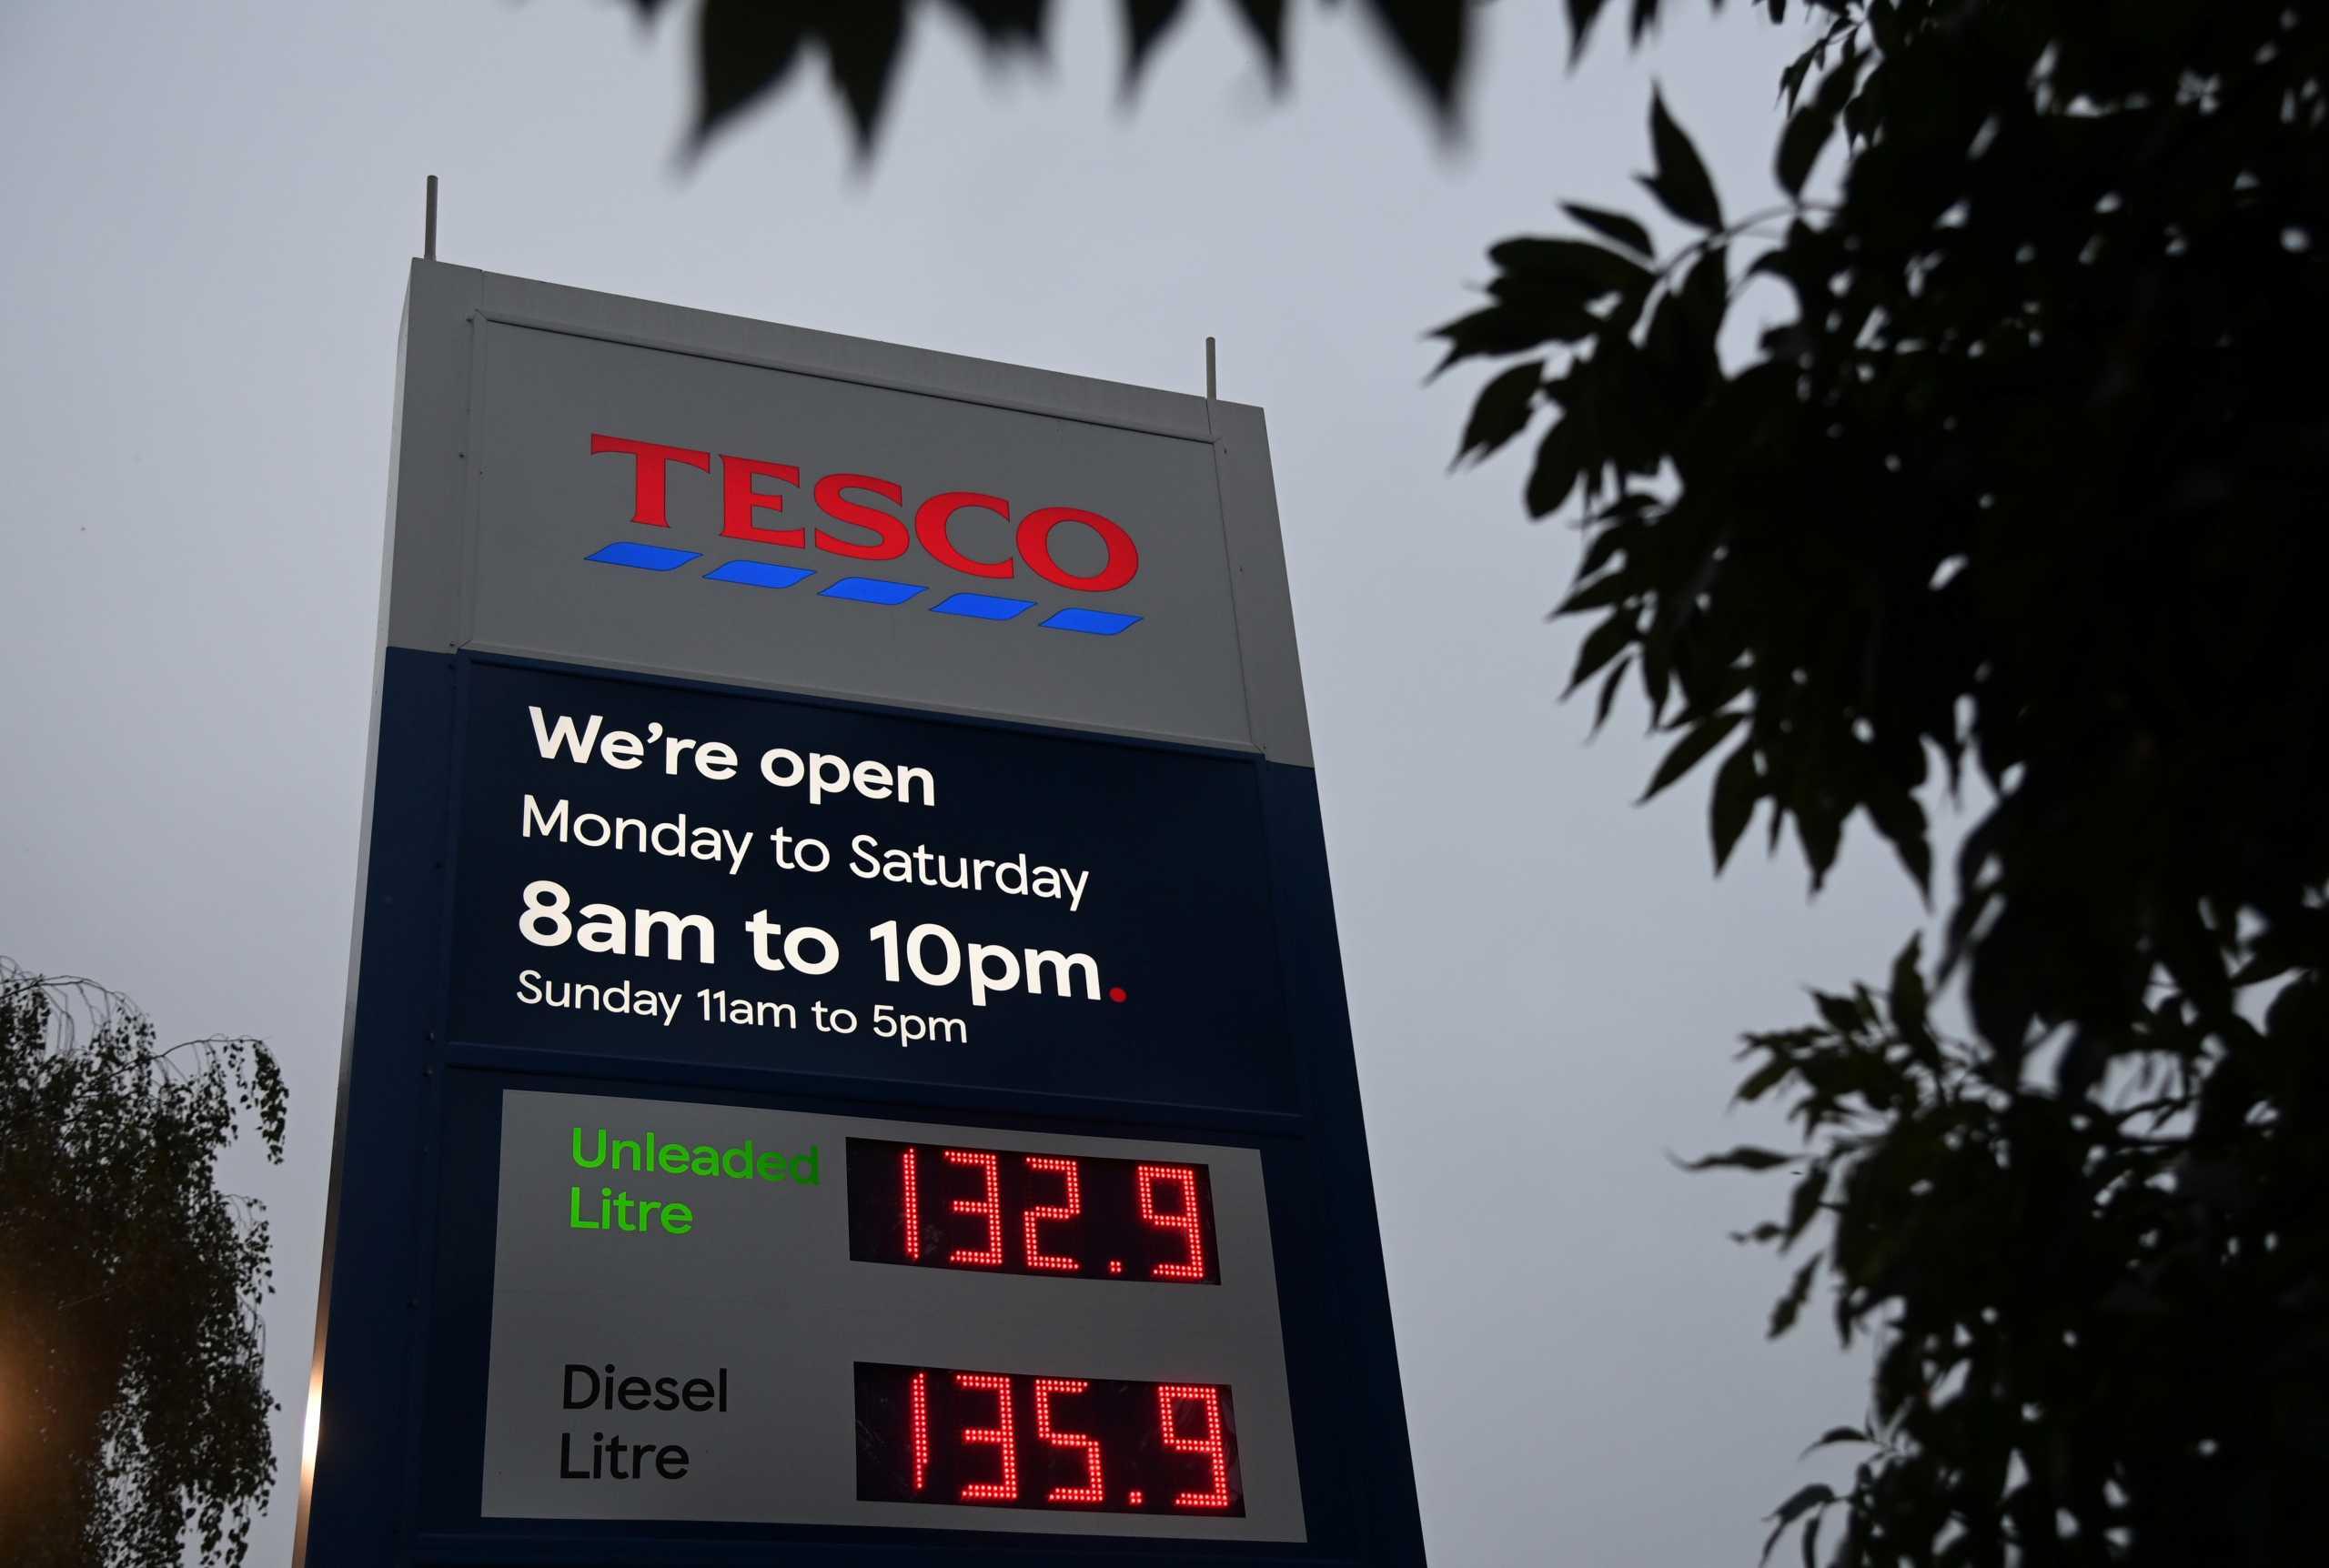 Βρετανία: Κρίση λόγω έλλειψης βενζίνης και φόβοι για την διανομή τροφίμων